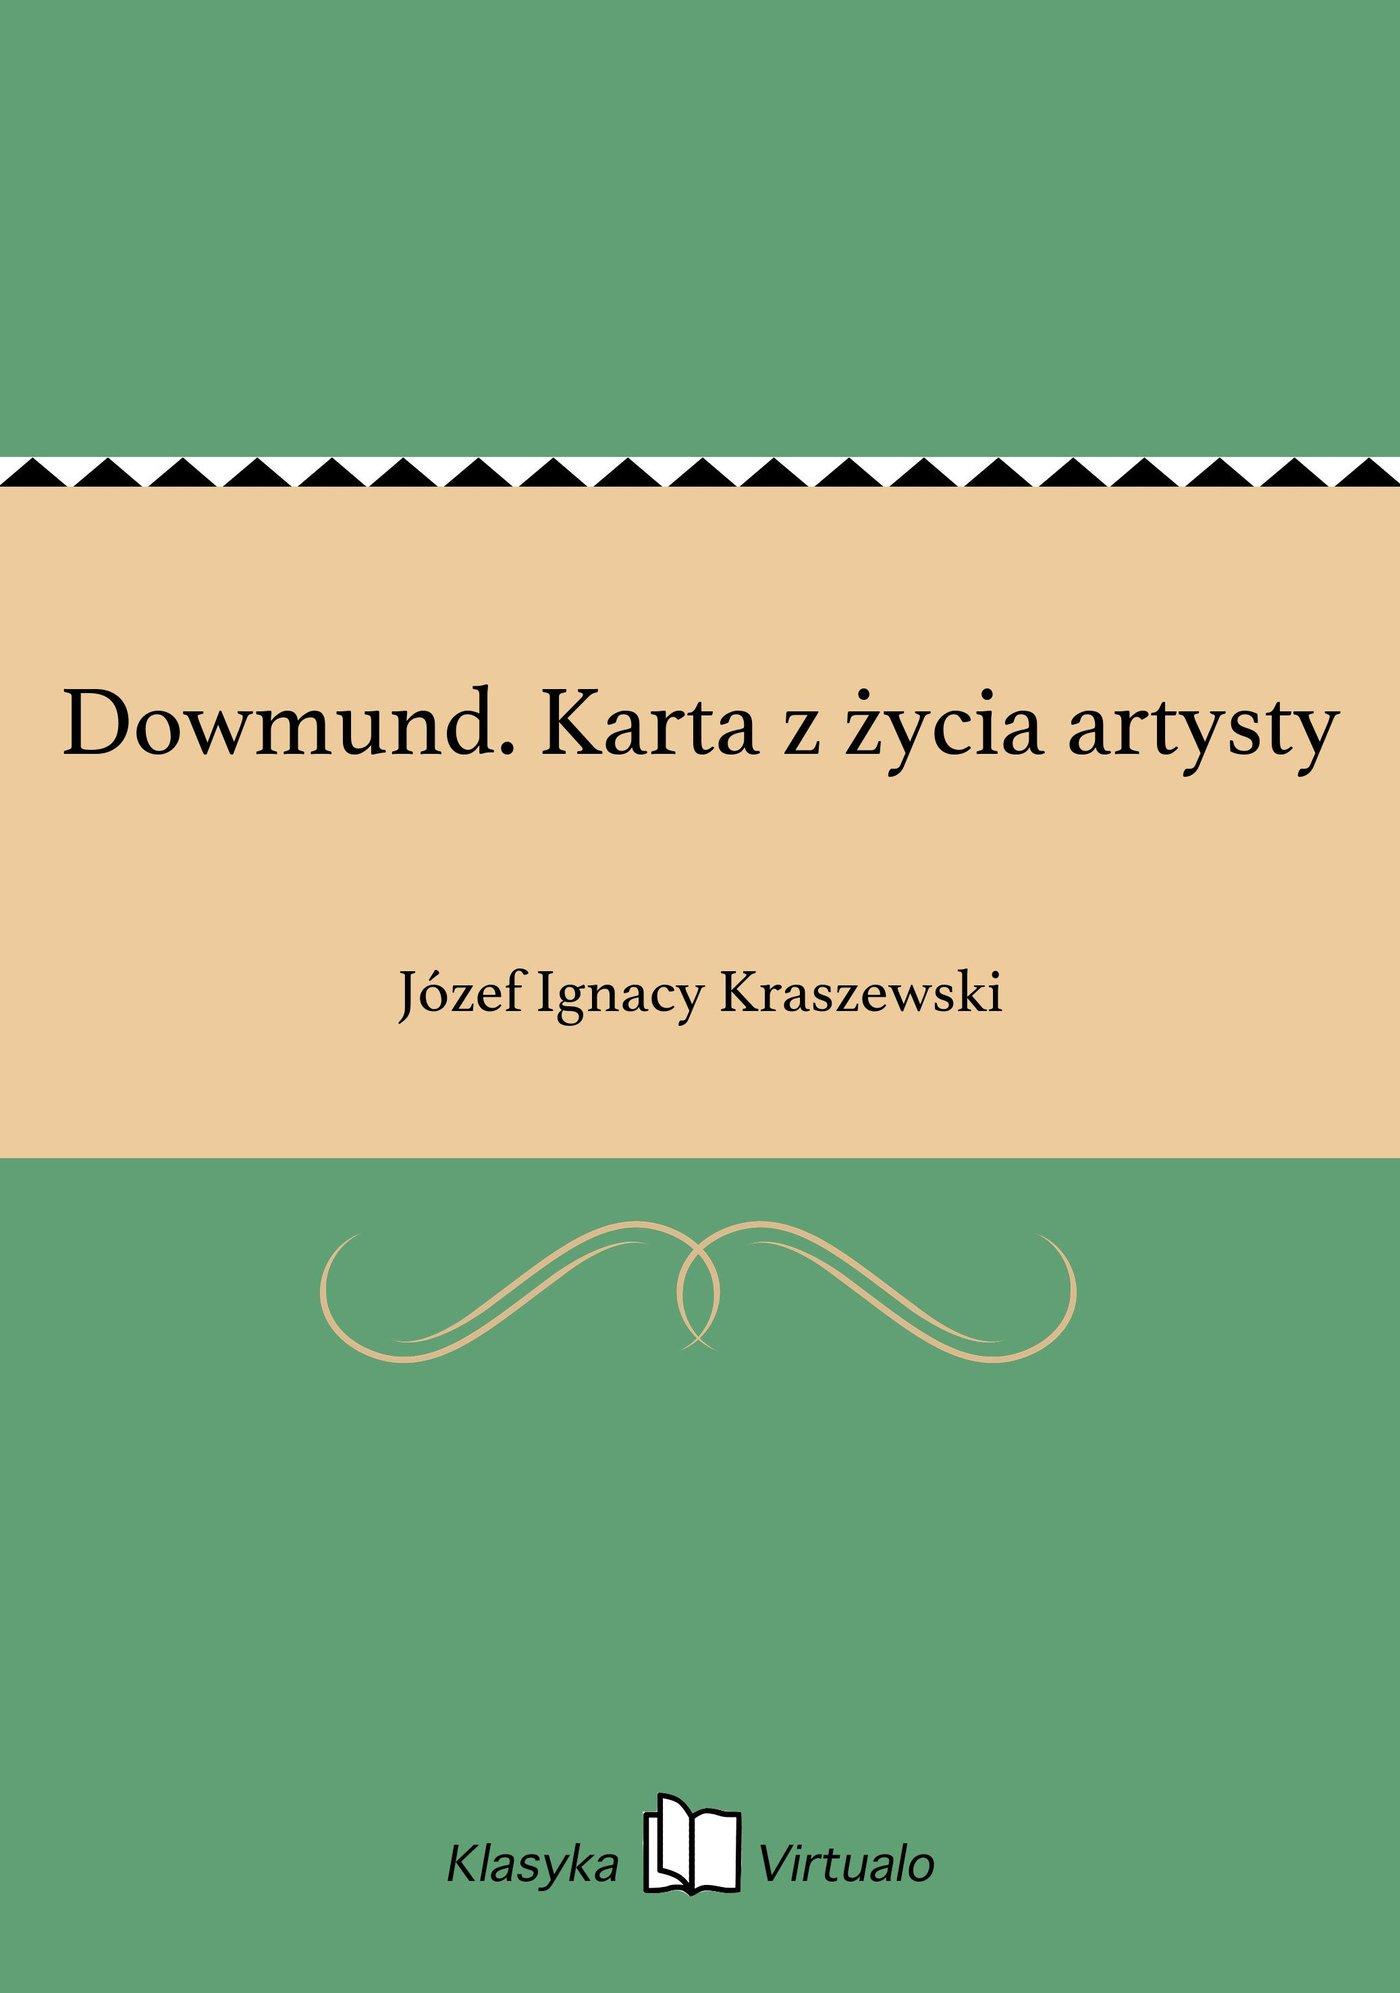 Dowmund. Karta z życia artysty - Ebook (Książka EPUB) do pobrania w formacie EPUB